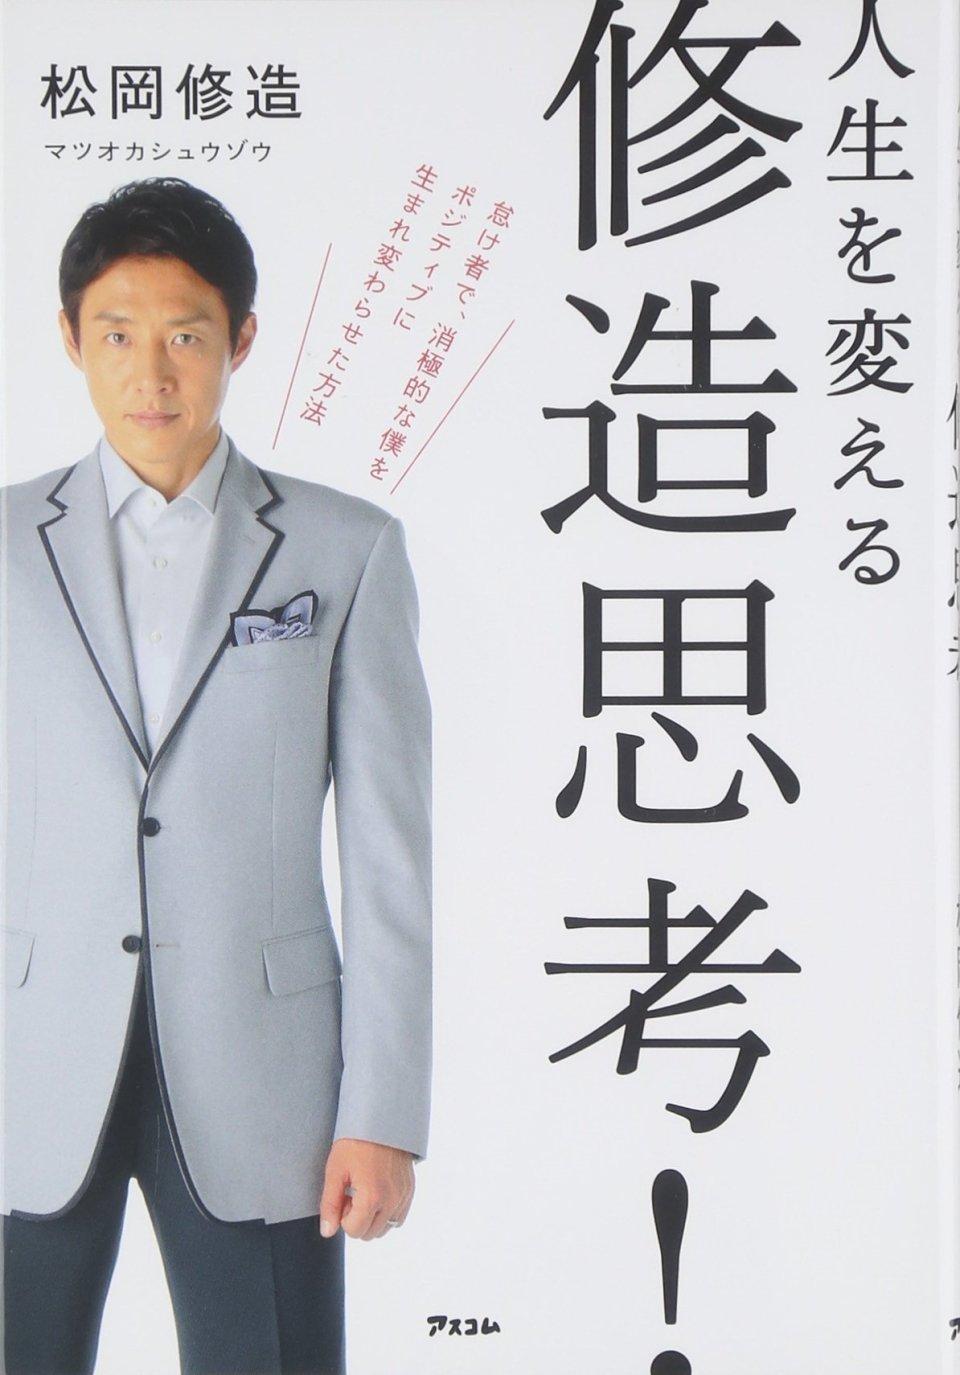 意外と多いネガティブ思考の成功者。日本の著名人から紐解く「ポジティブ思考 VS ネガティブ思考」 2番目の画像